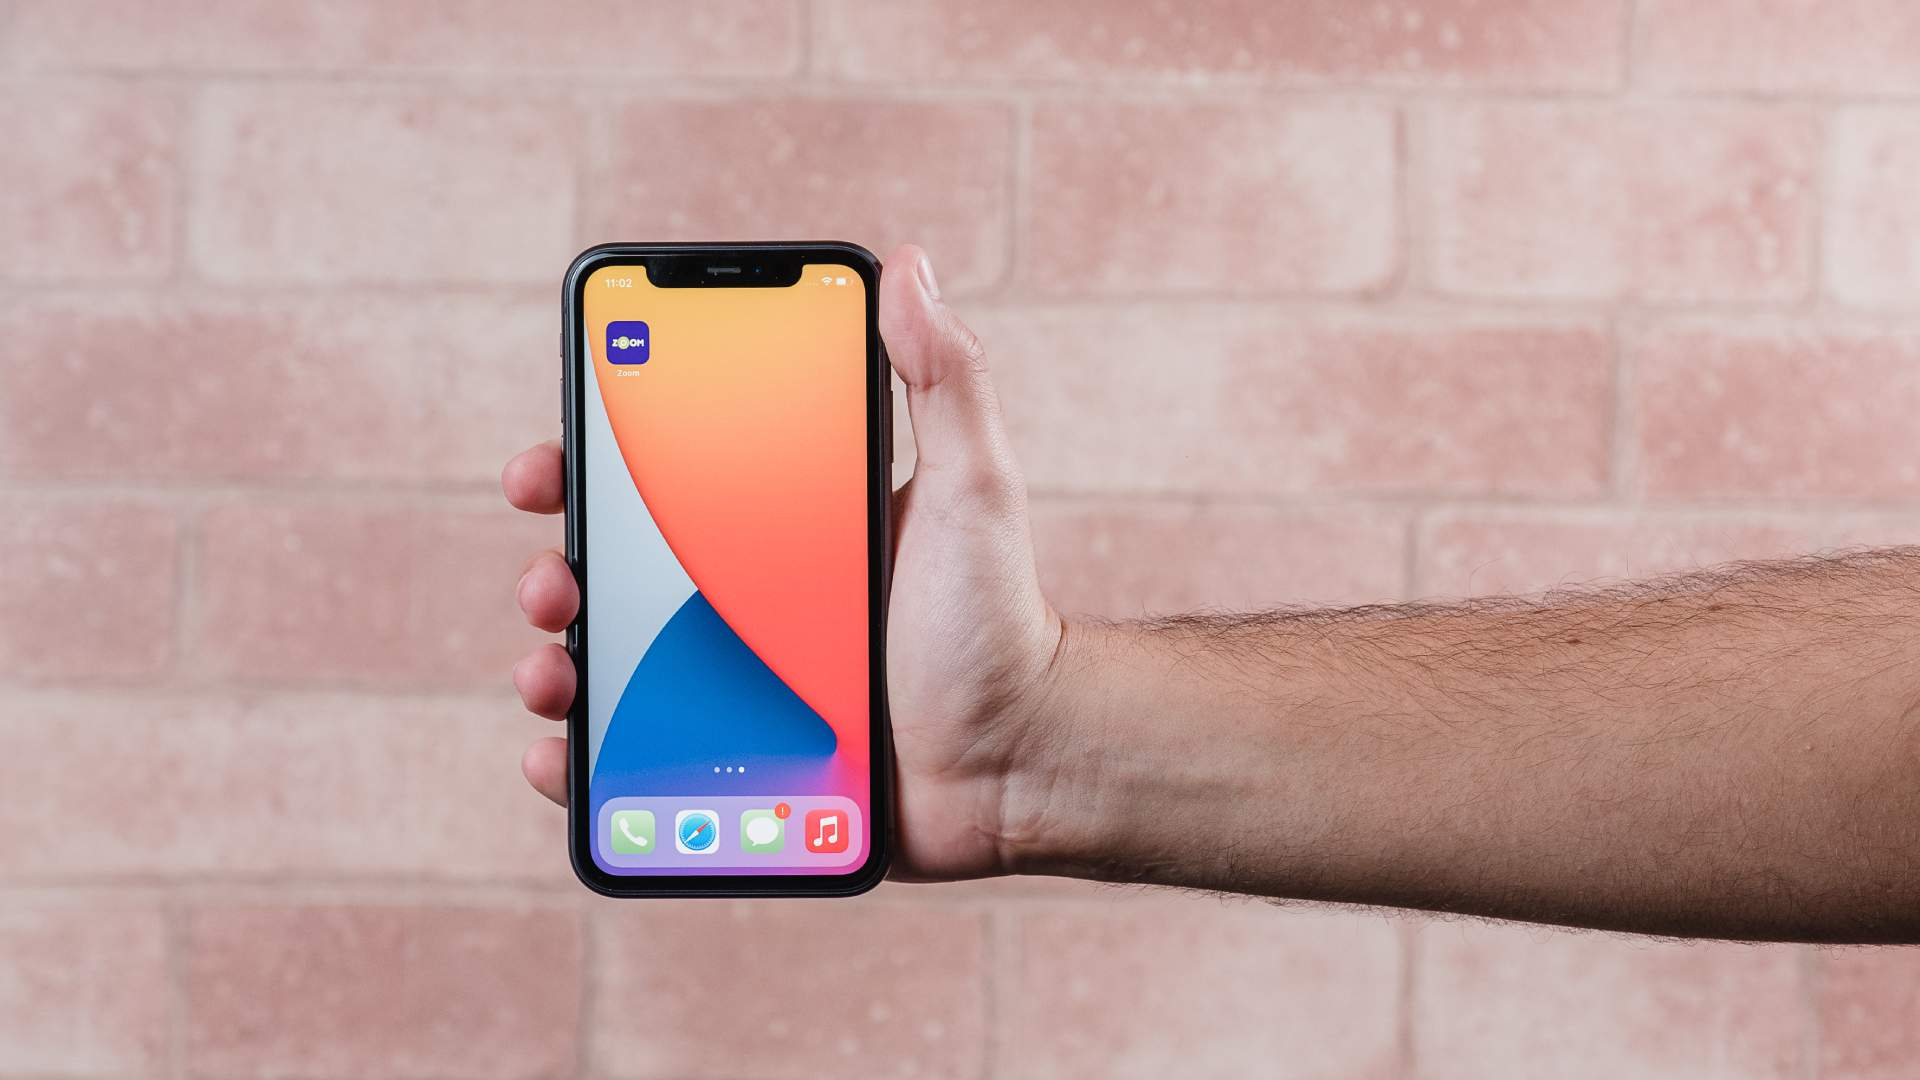 iPhone 11 com tela acesa sendo segurado por uma mão em fundo de tijolos